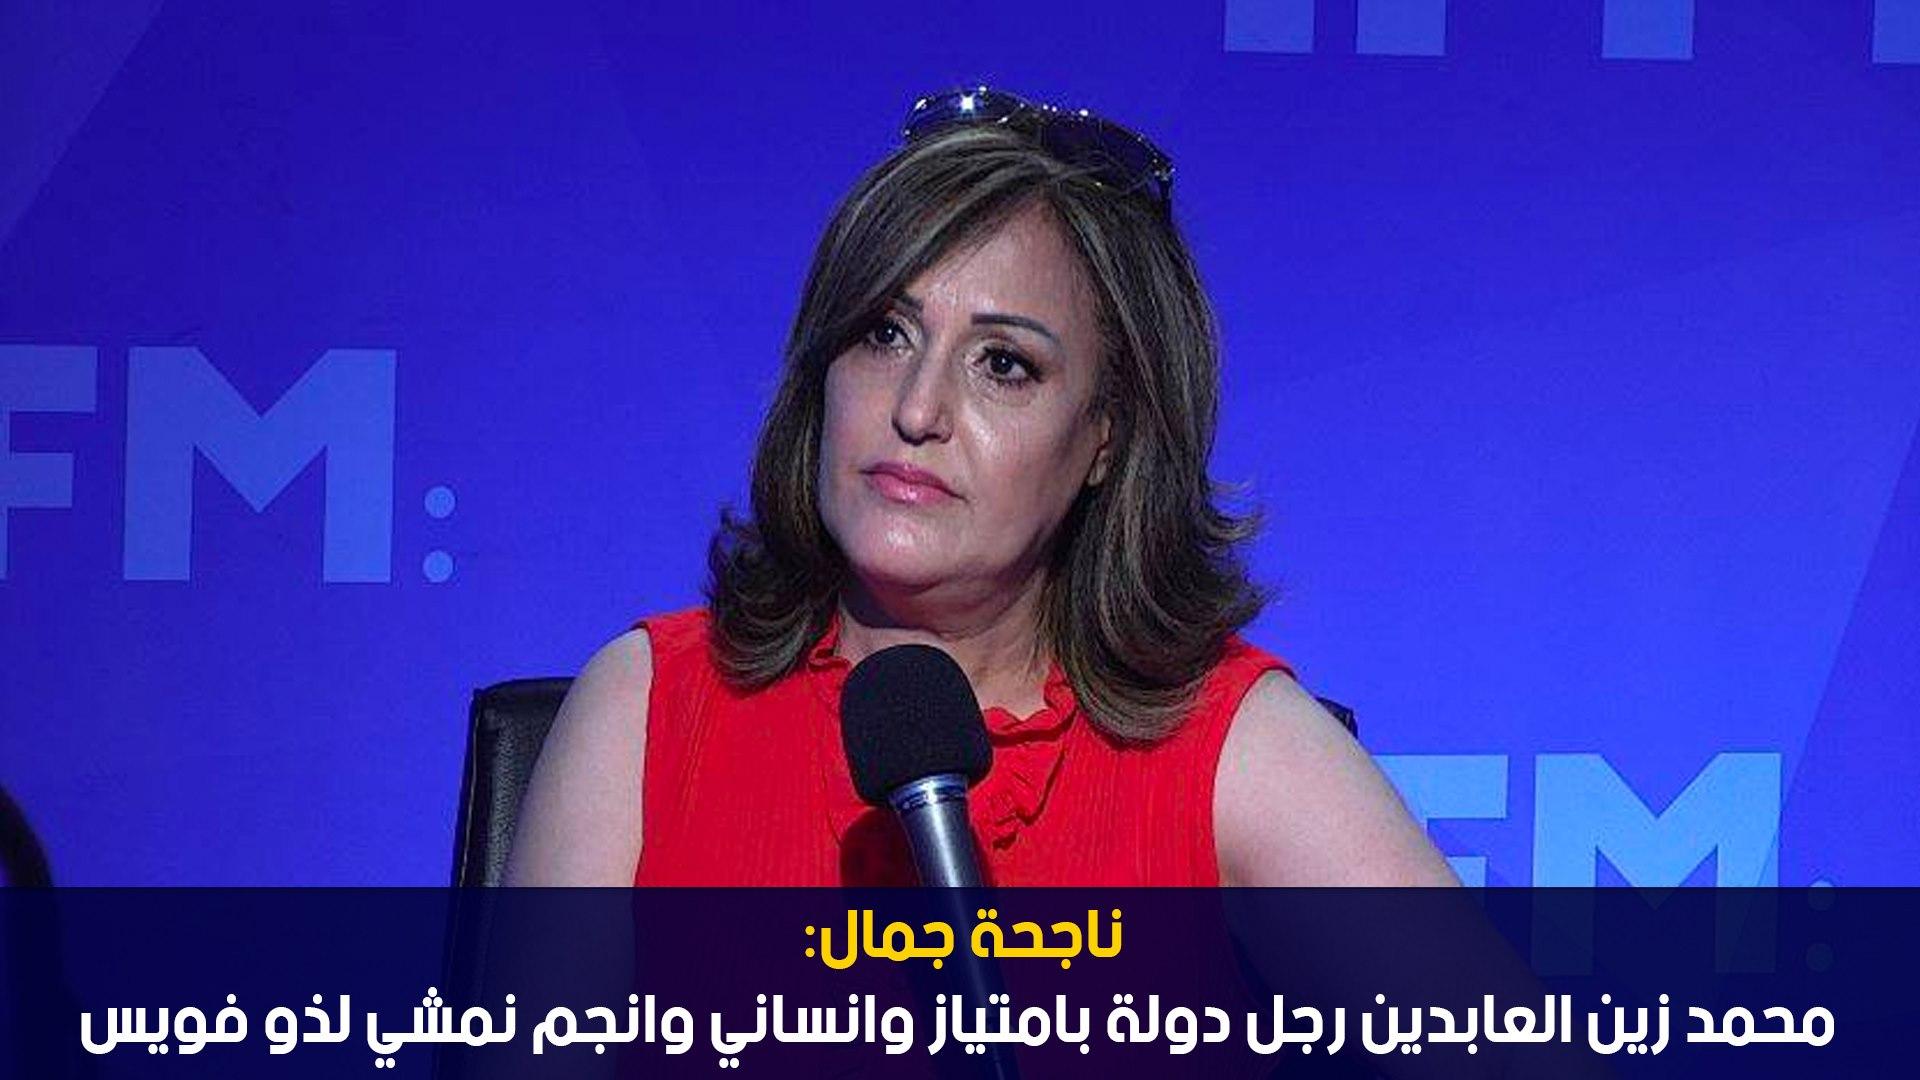 ناجحة جمال:محمد زين العابدين رجل دولة بامتياز وانساني وانجم نمشي لذو فويس